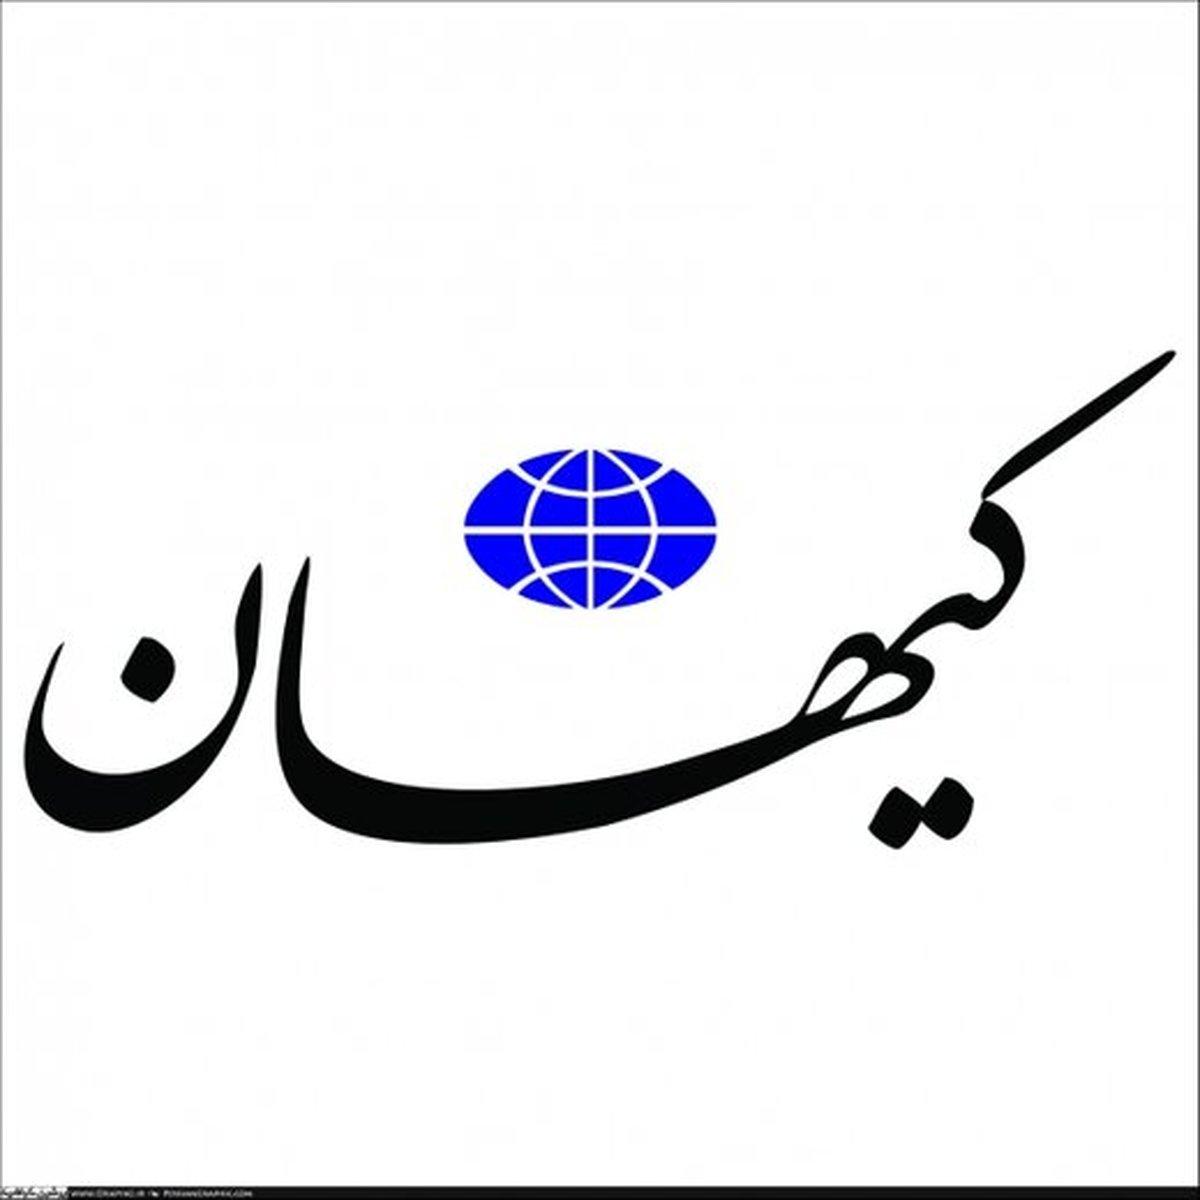 انتقاد کیهان از اصلاح طلبان | در این چندسال چه کاری انجام دادید برای مردم؟